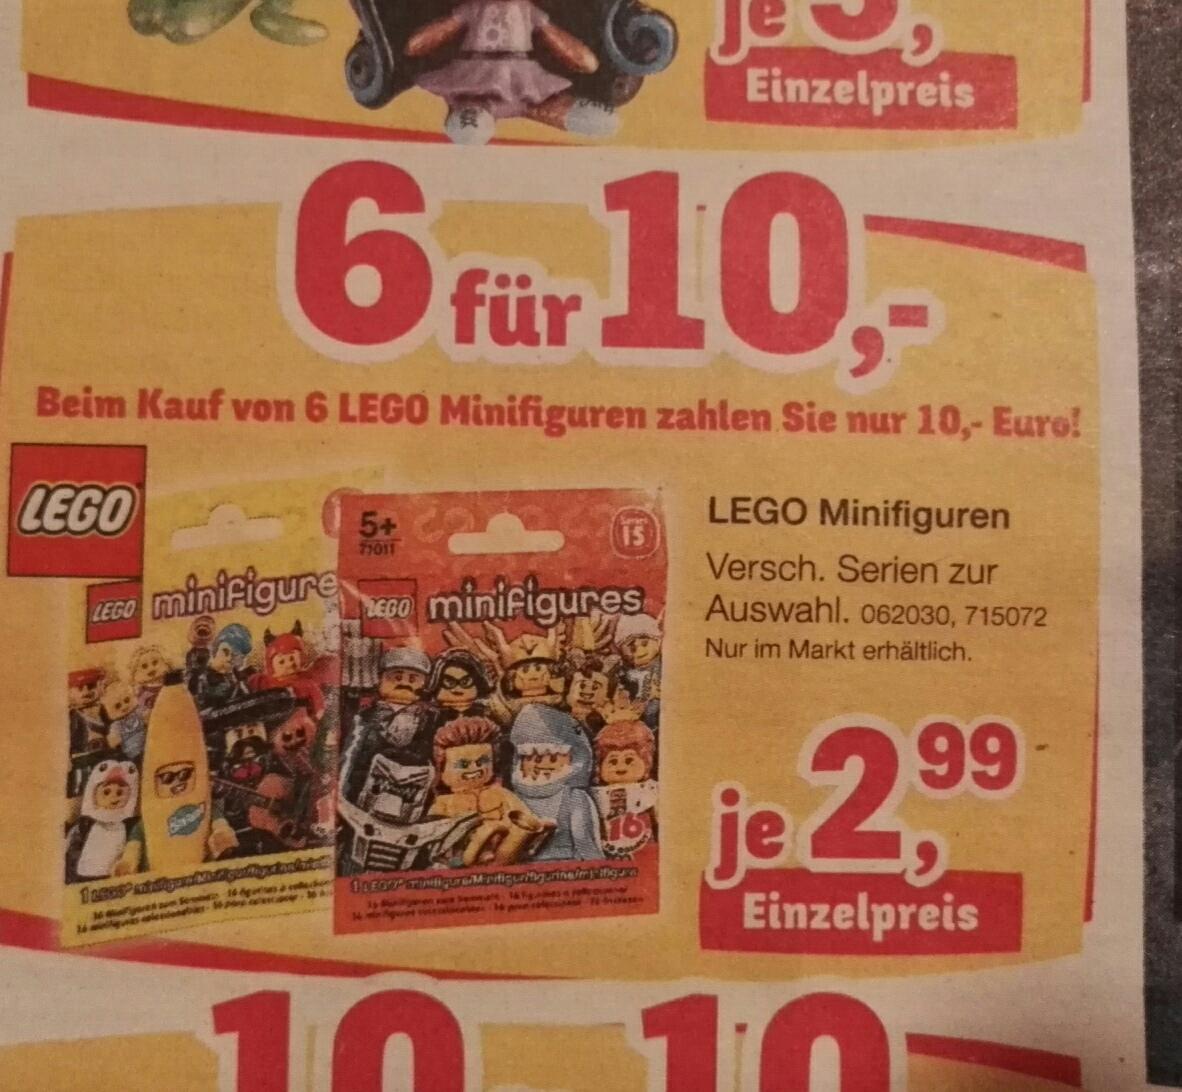 [Toys'r'us Filialen] 6 Lego Minifiguren für 10 Euro